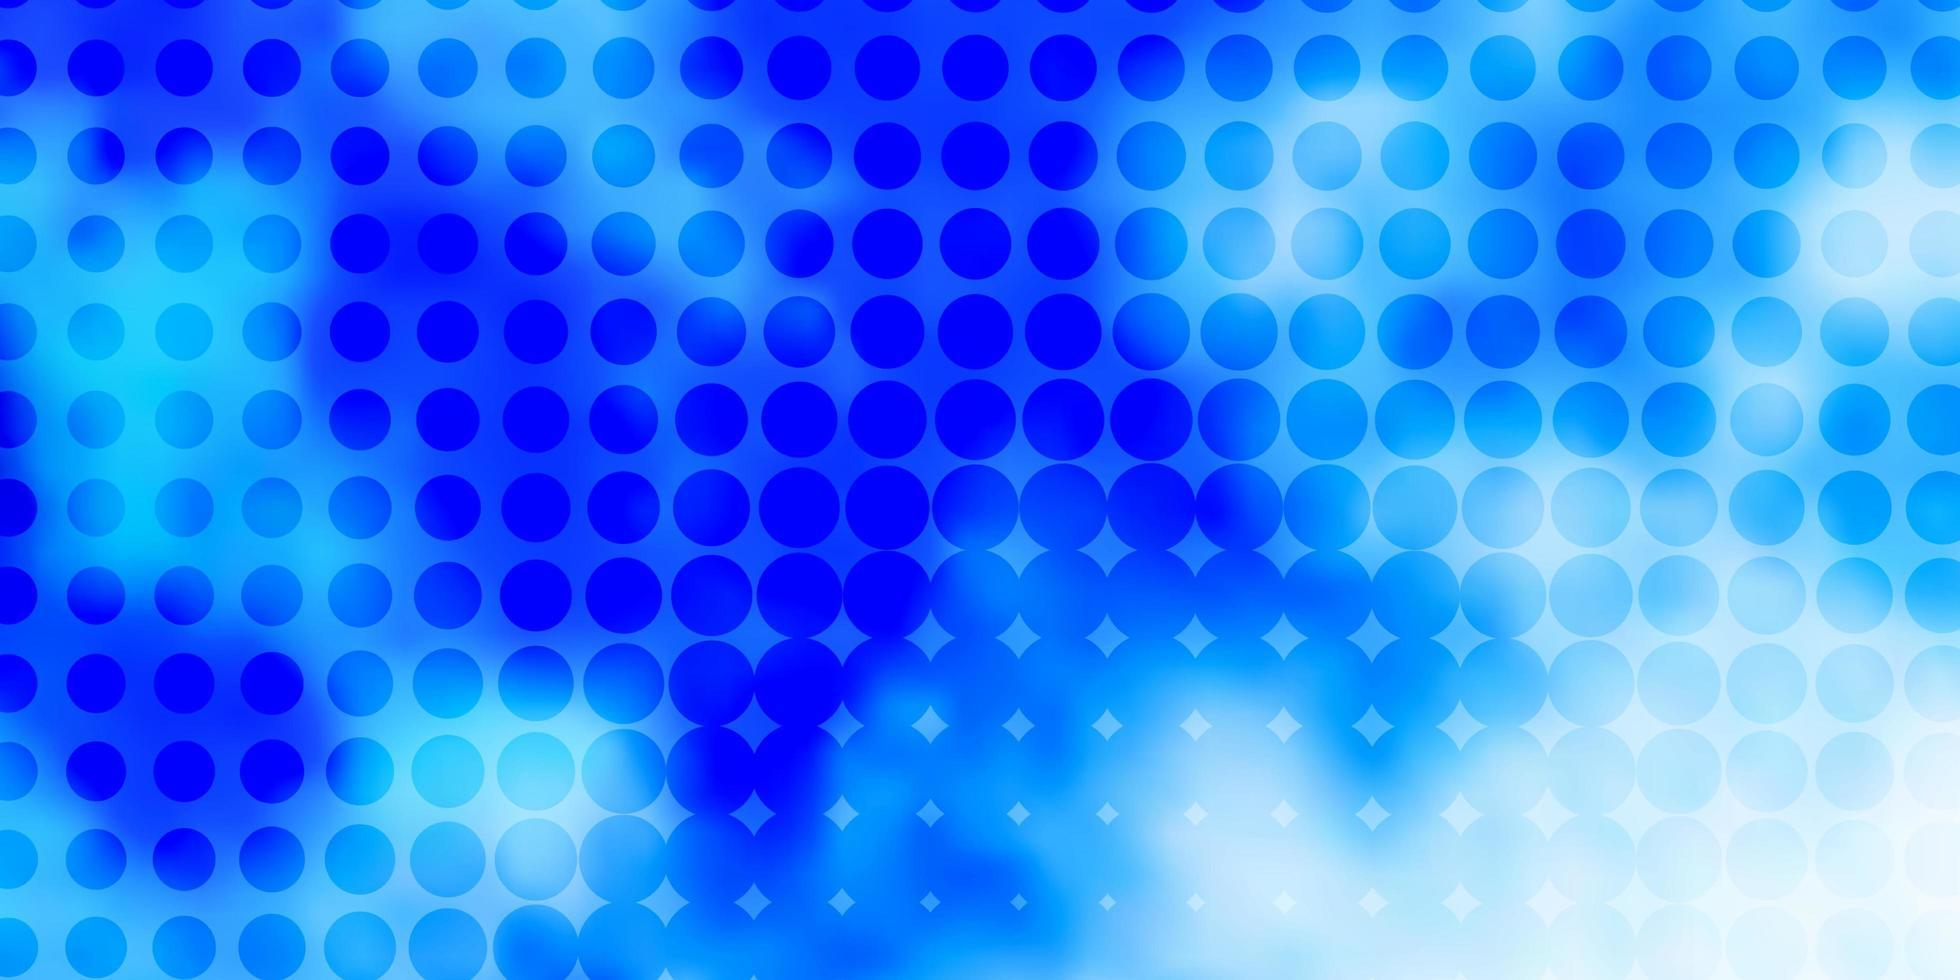 fundo azul com círculos. vetor